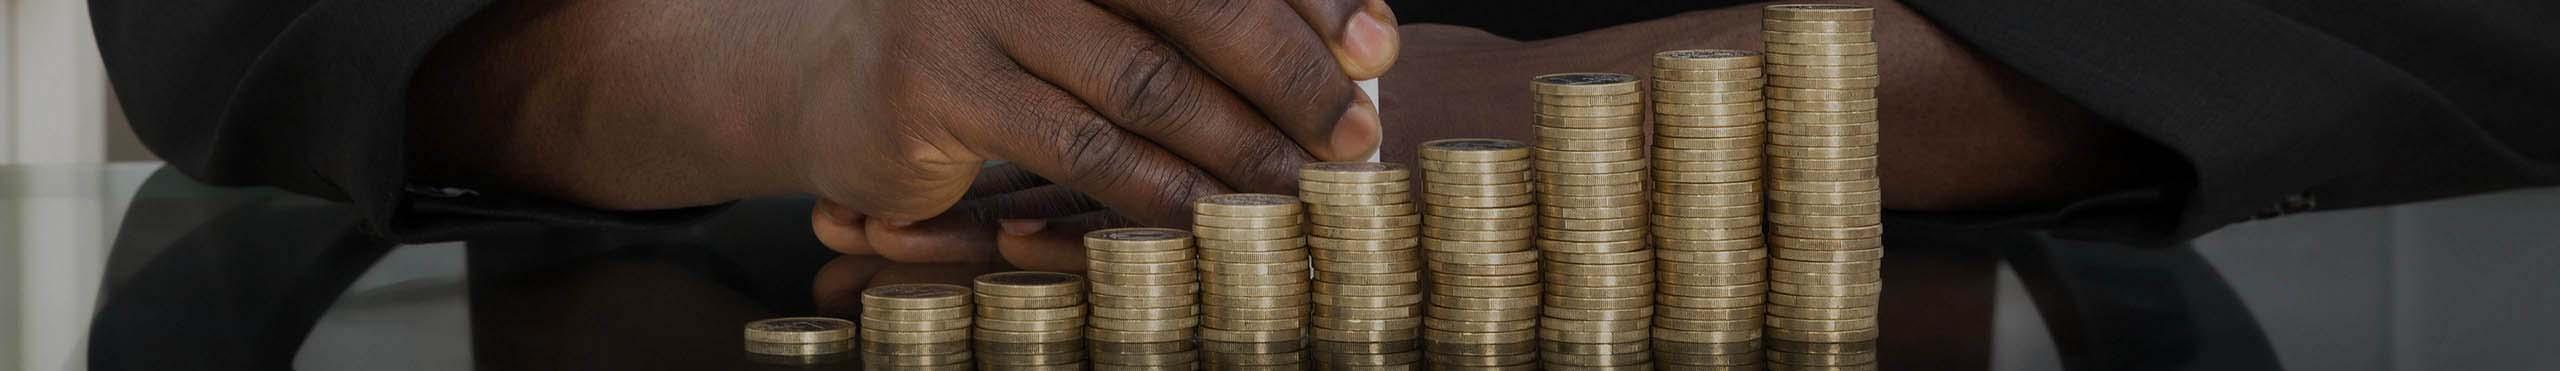 Loi Finances : L'Assurance-vie, toujours le meilleur investissement ?